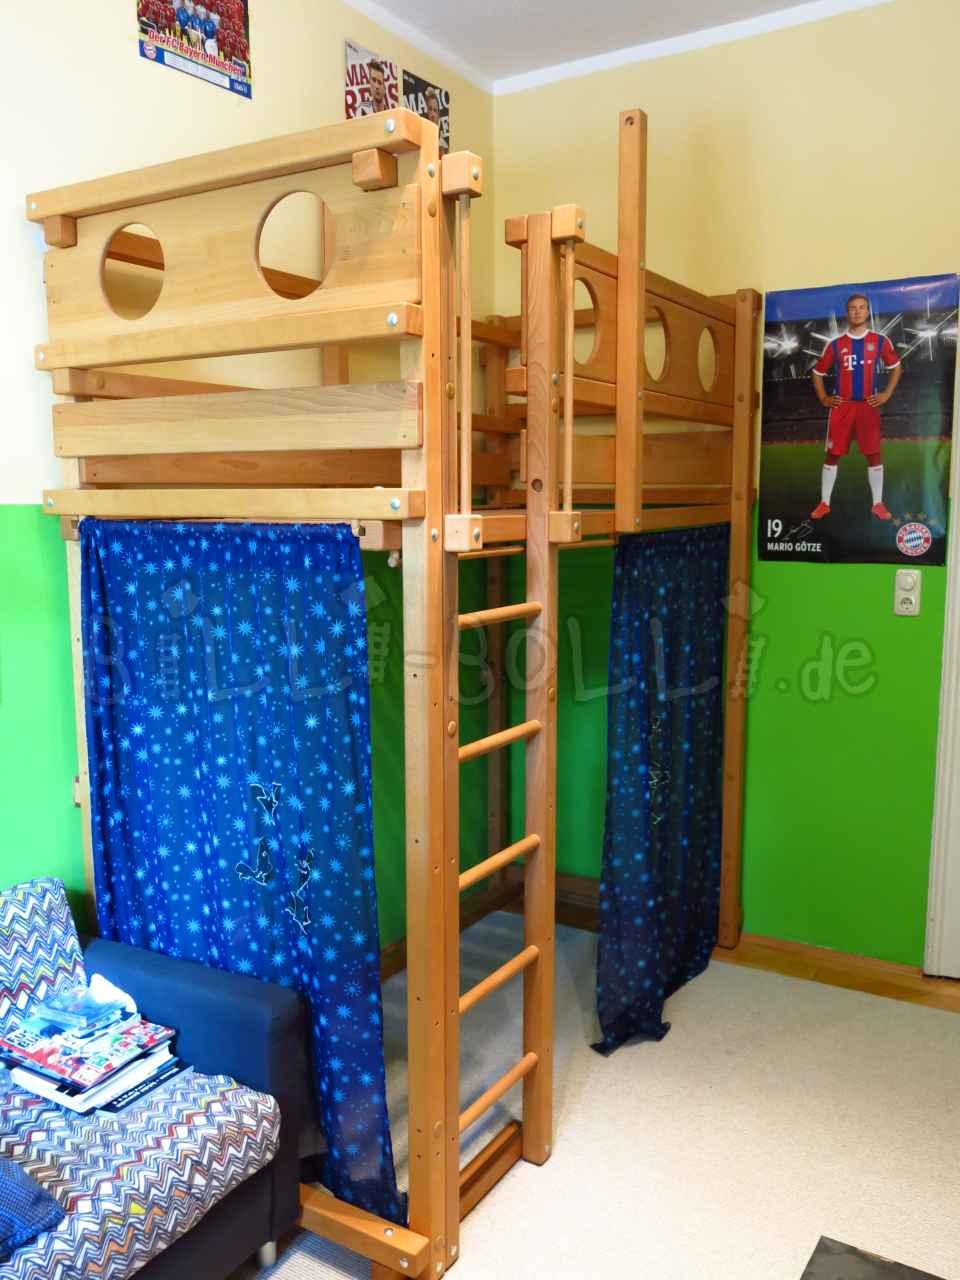 Second hand page 104 billi bolli kids furniture for Billi bolli hochbett